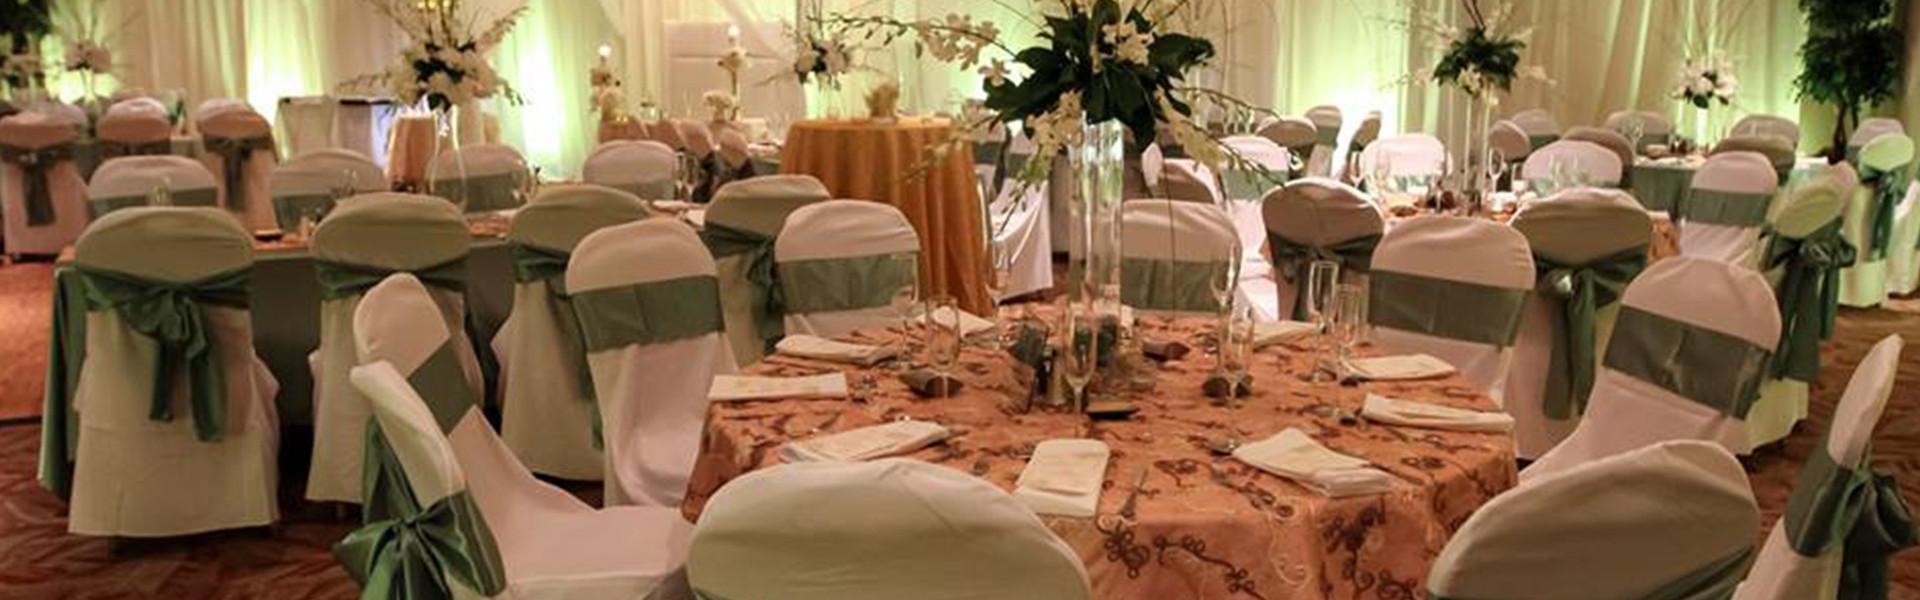 Las Vegas Wedding Reception Venues   Wedding Reception